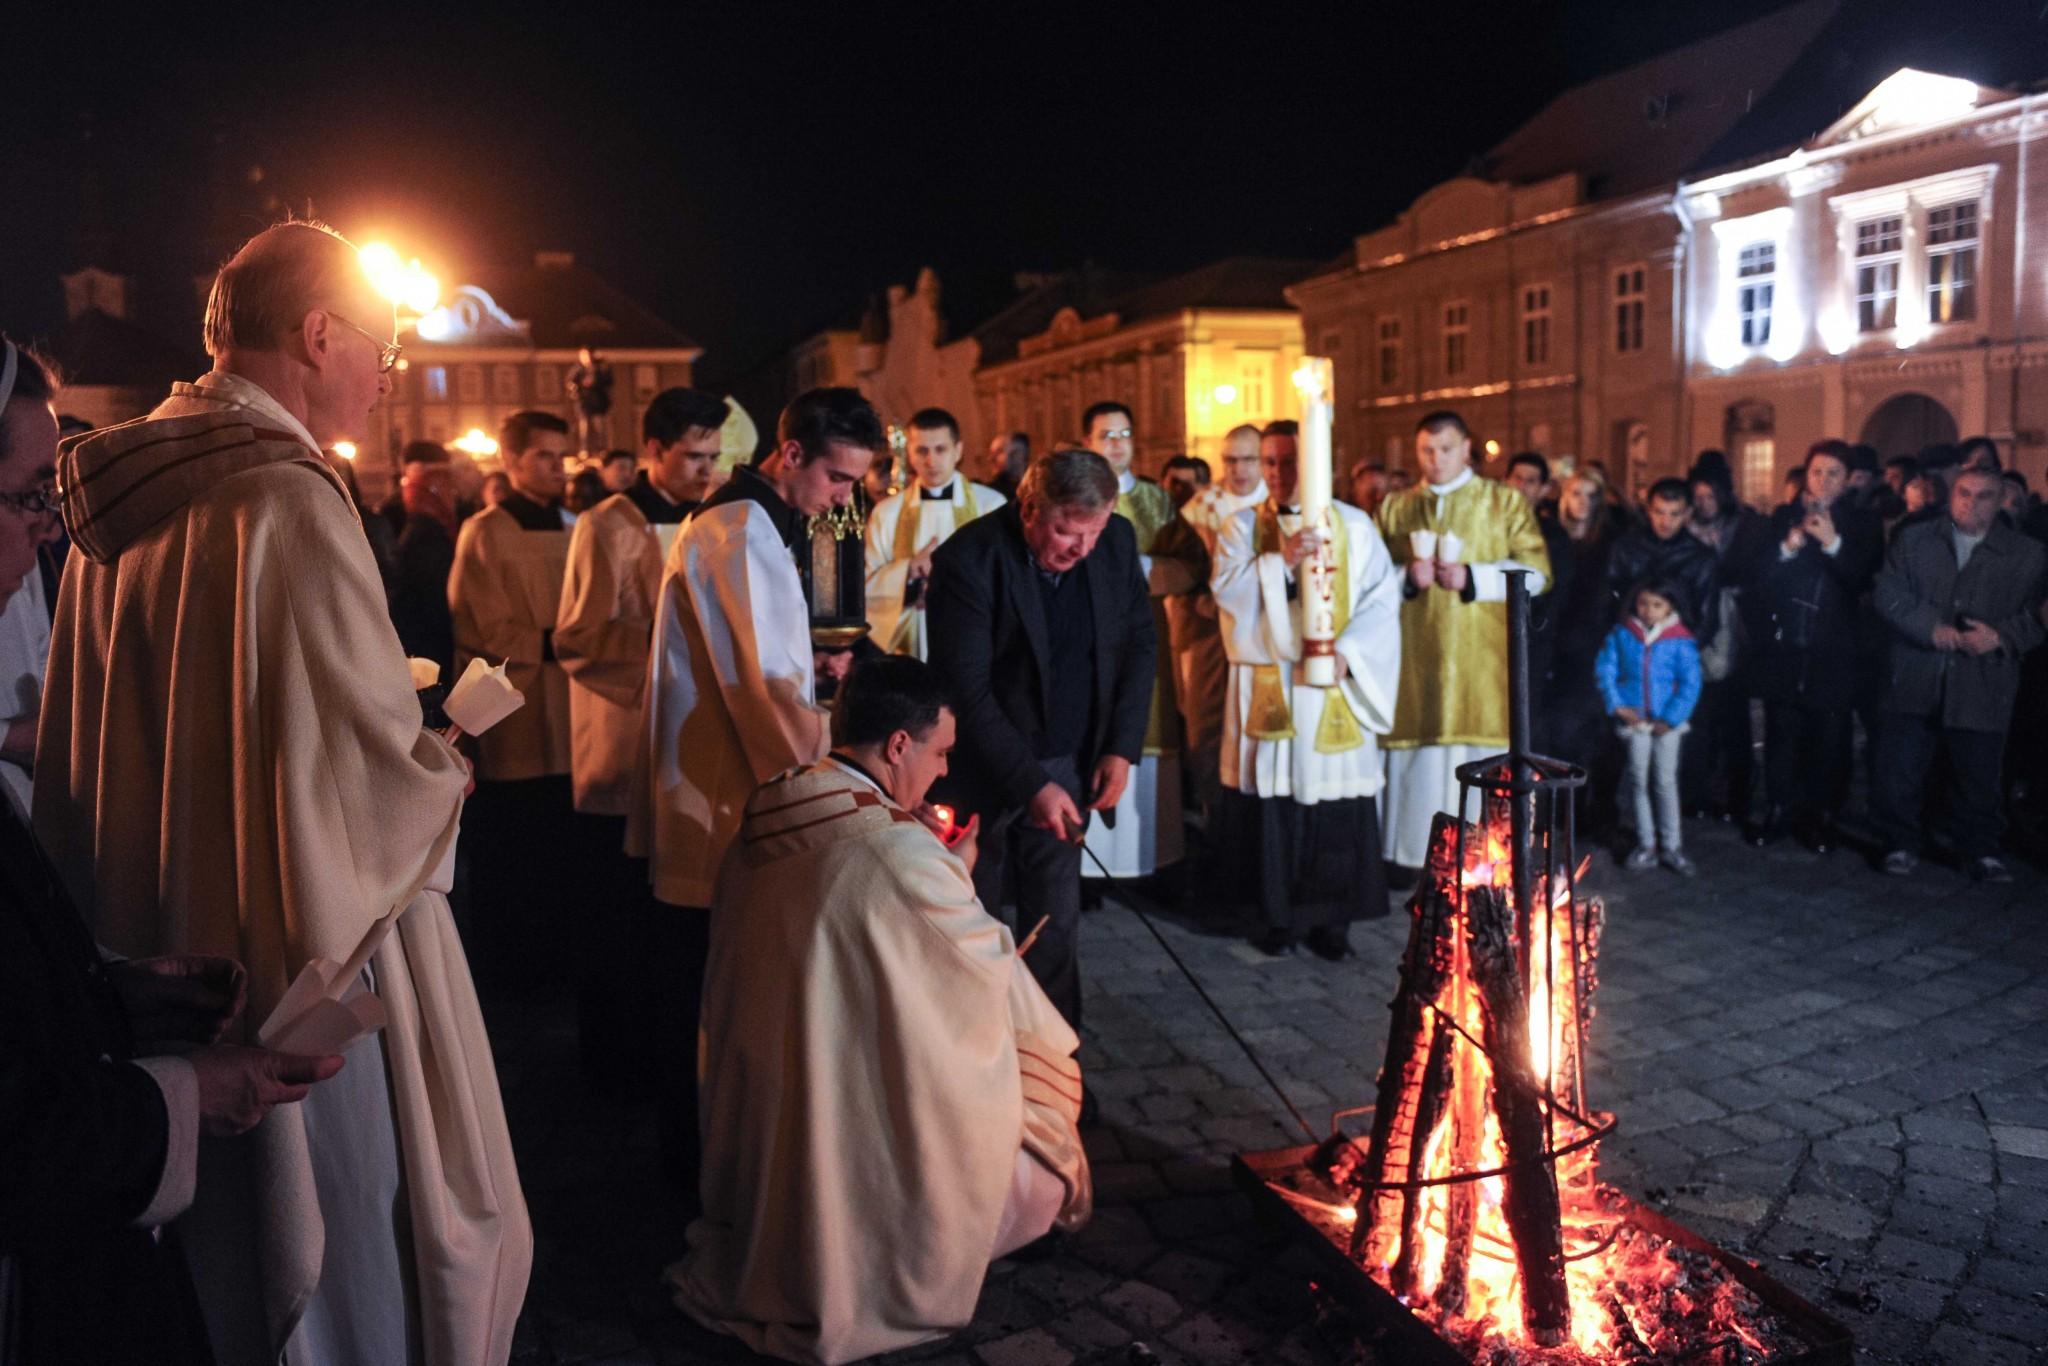 ... credincioșilor romano-catolici! Pastorala de Paşti a PS Martin Roos